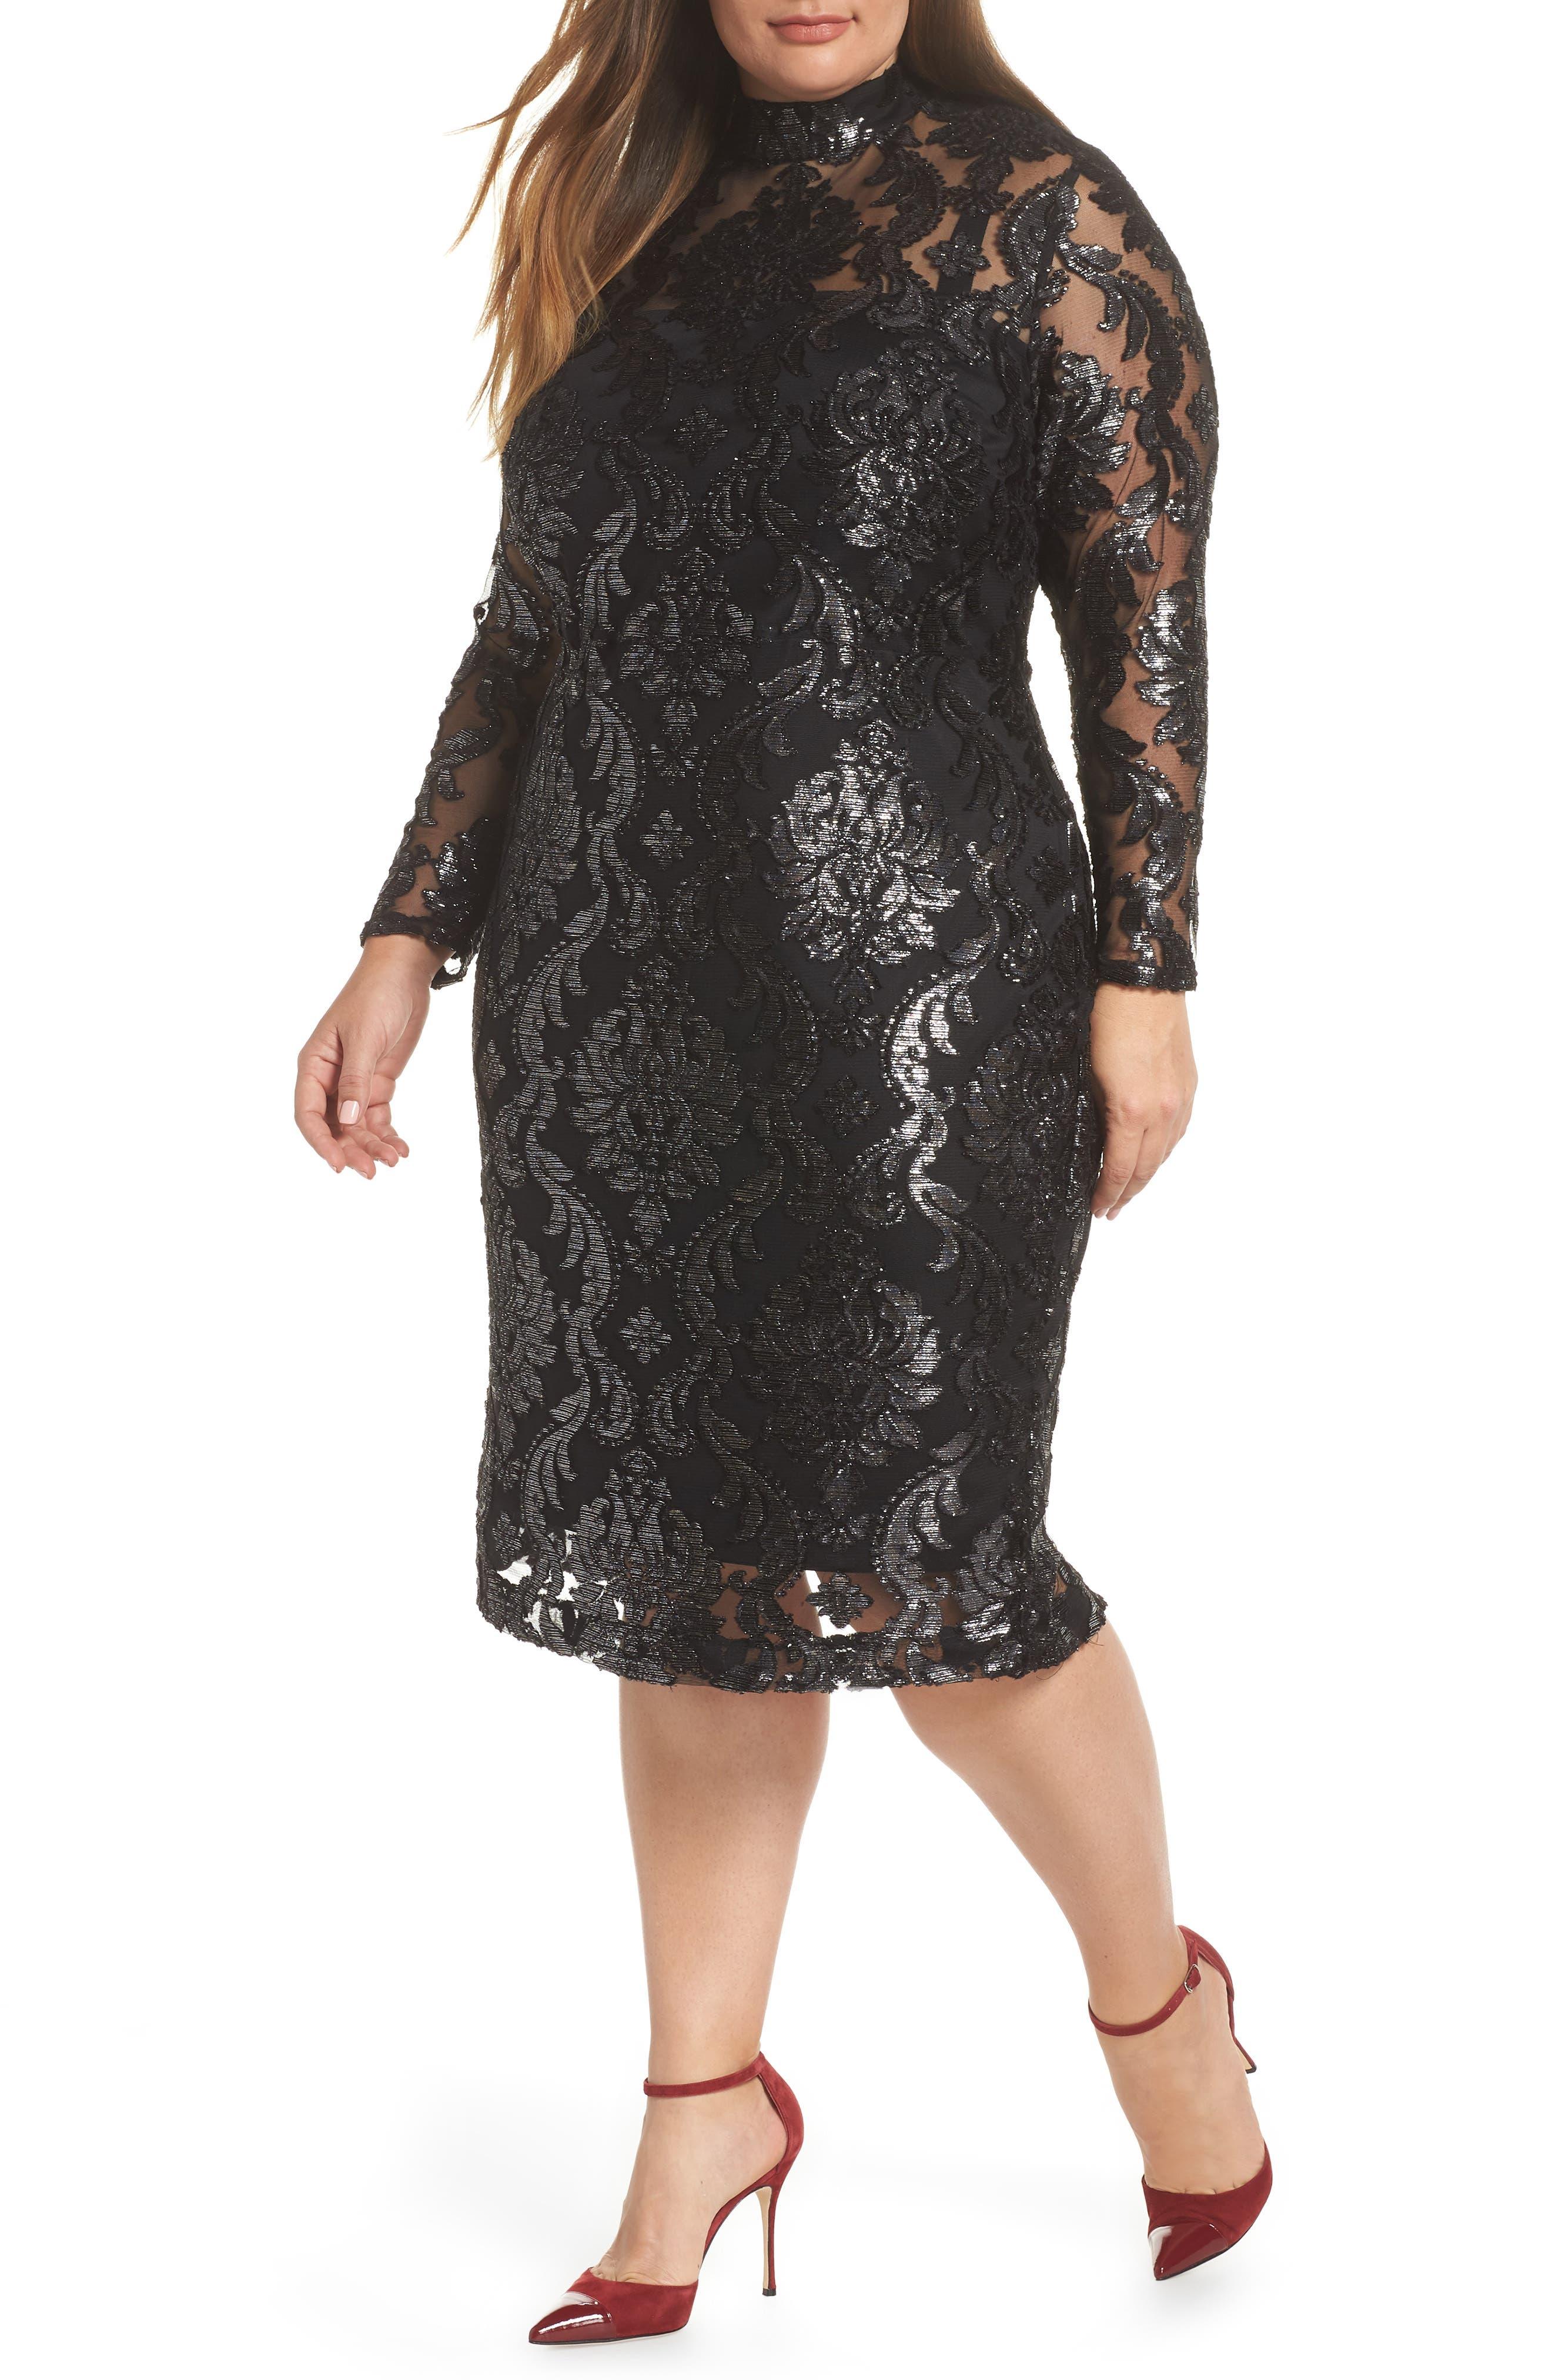 Plus Size Rachel Rachel Roy Metallic Overlay Dress